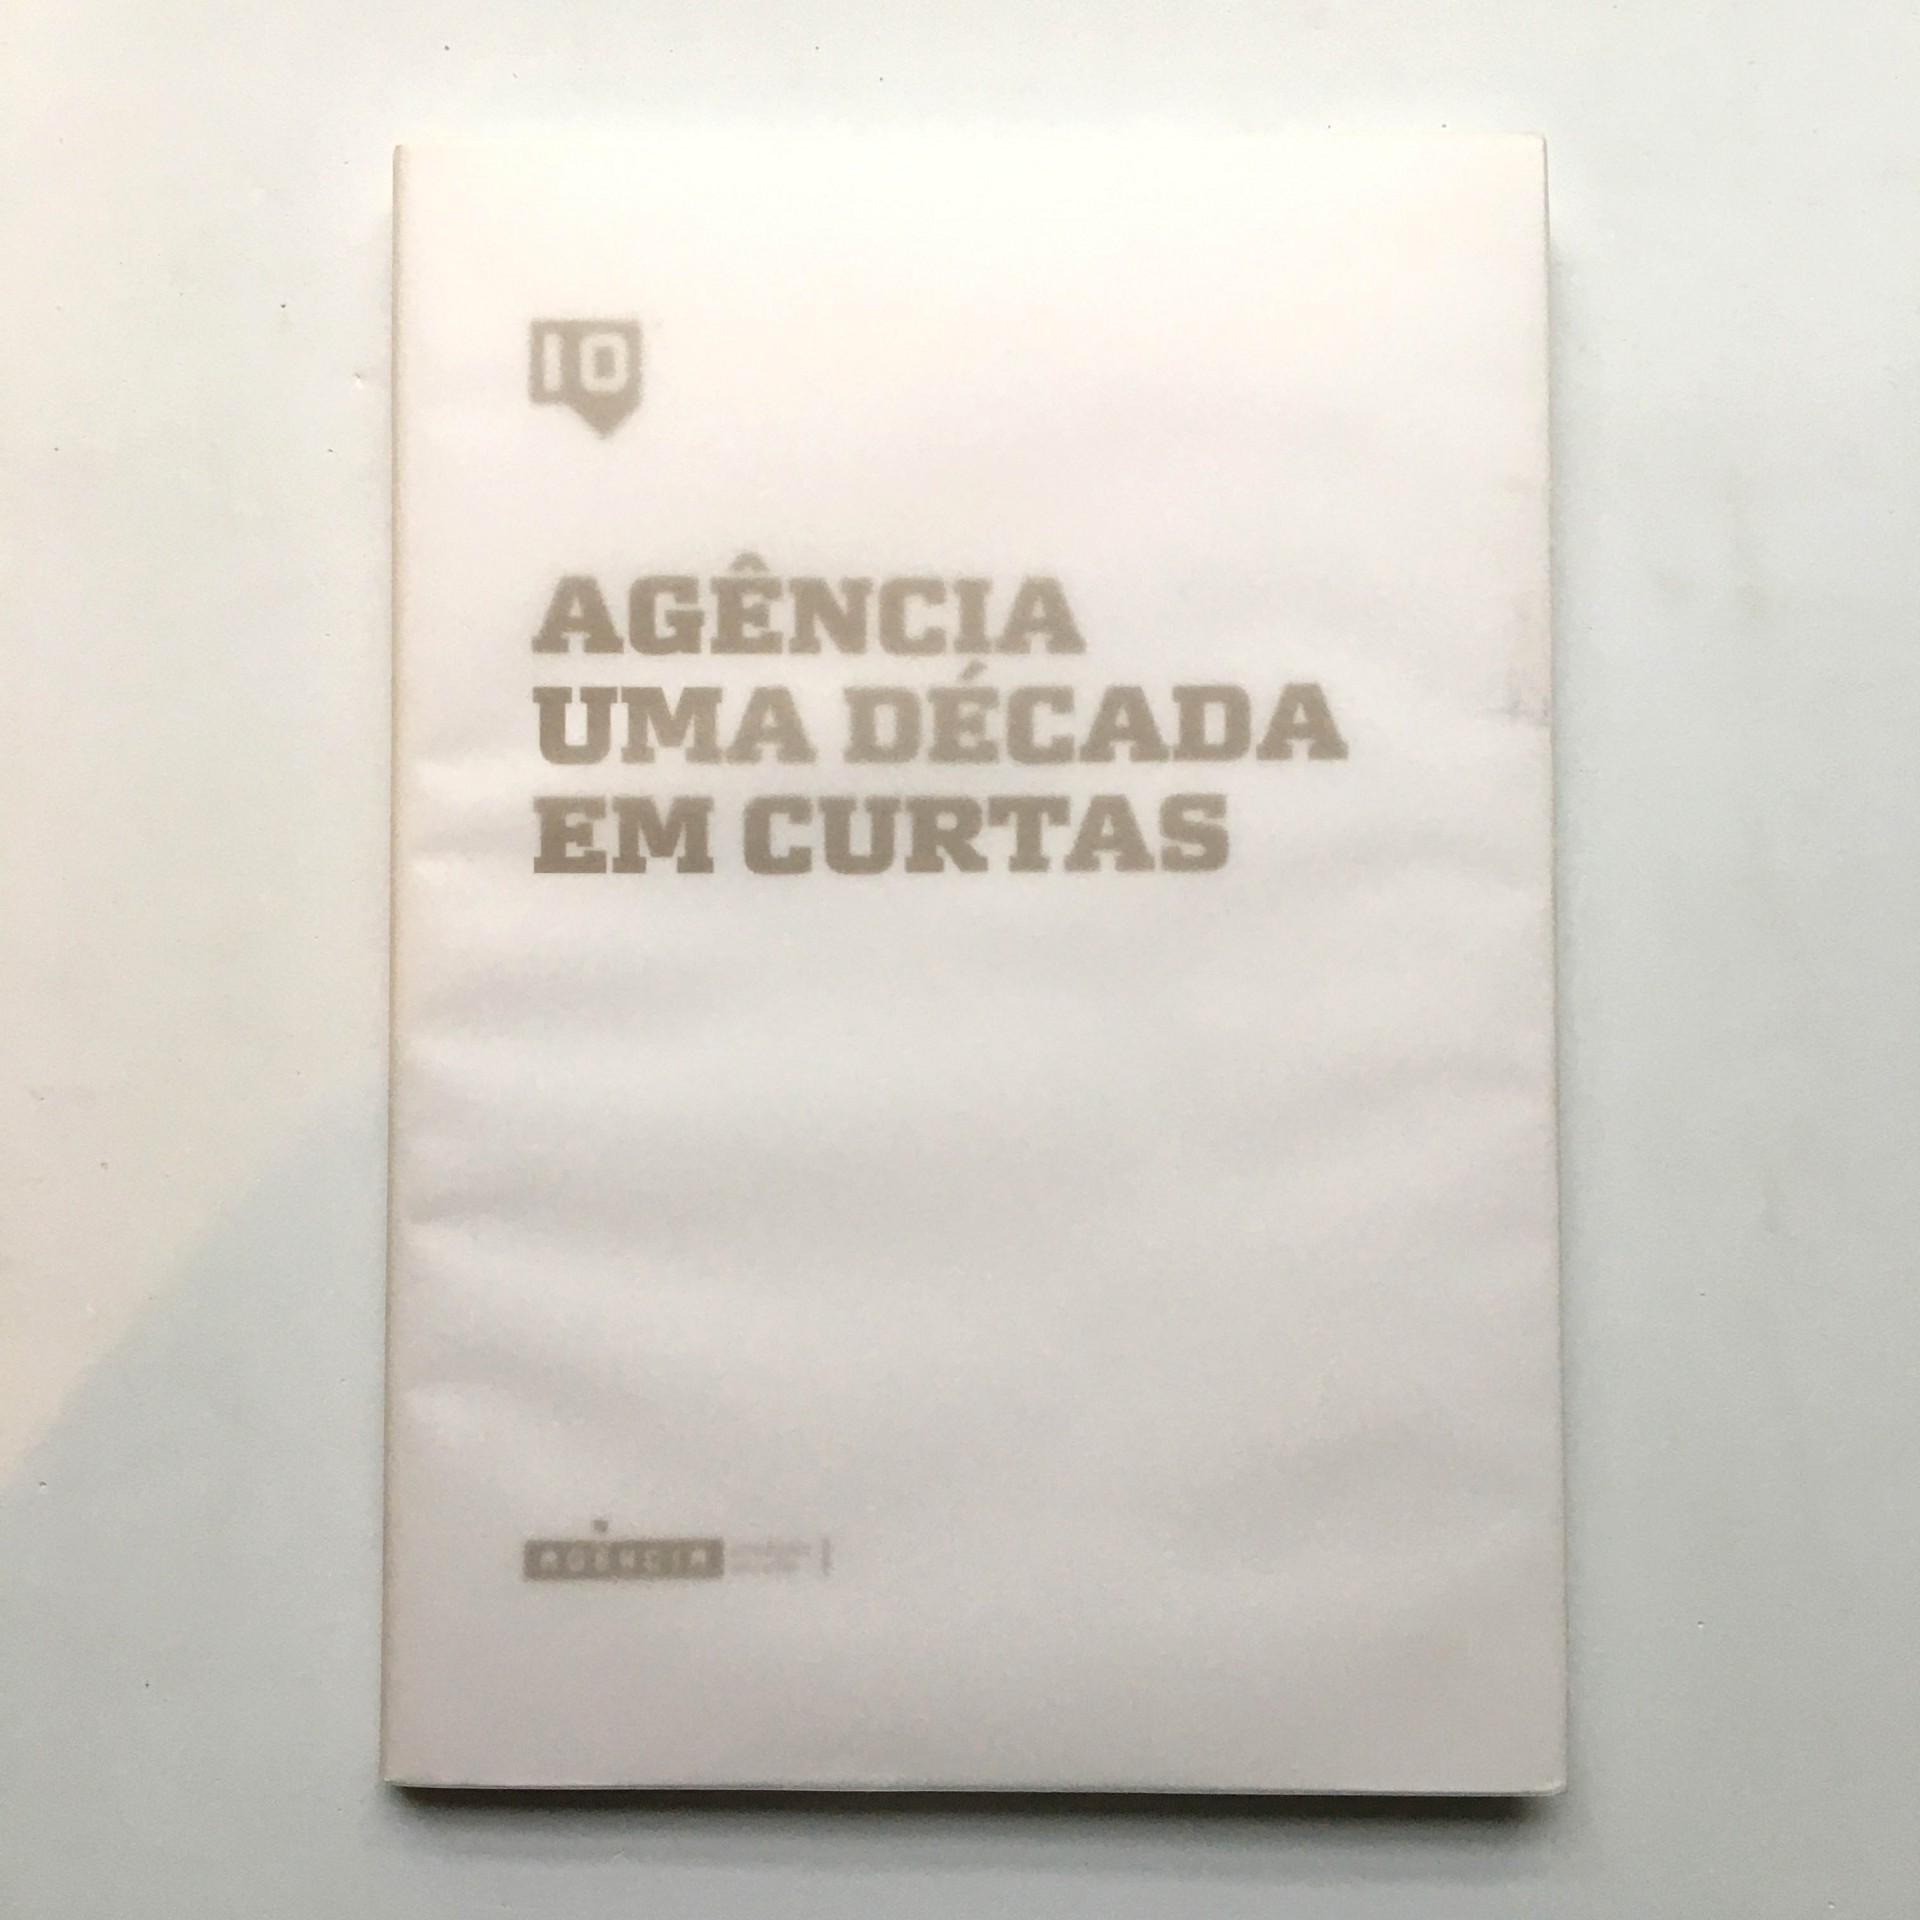 Agência: uma década em curtas